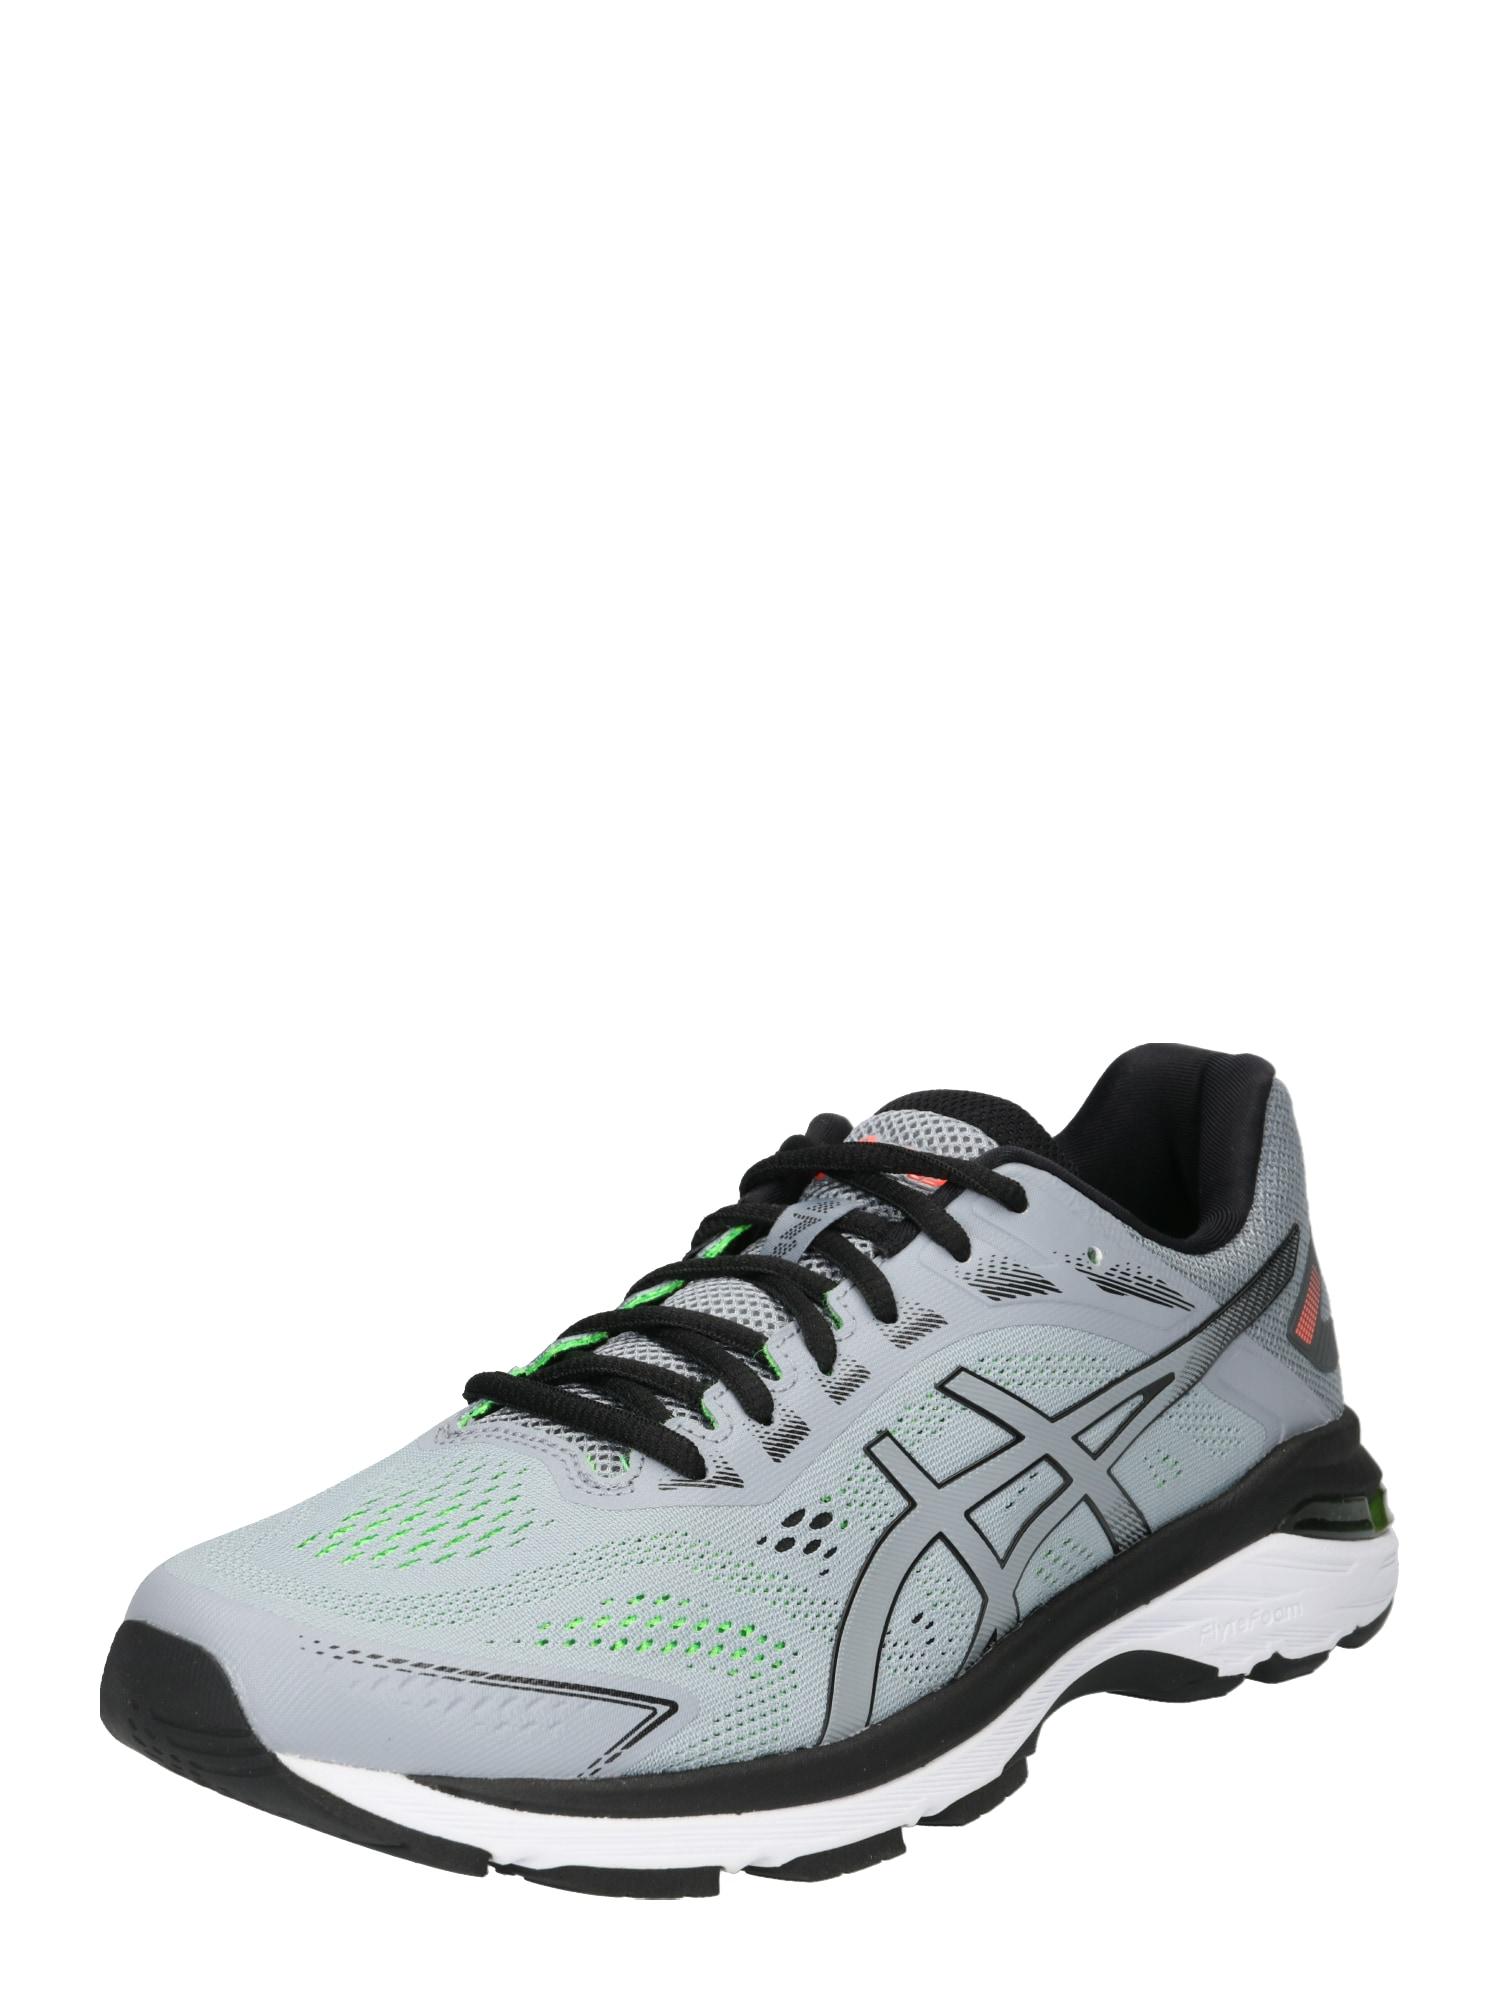 Běžecká obuv Gt-2000 7 šedá svítivě zelená černá ASICS